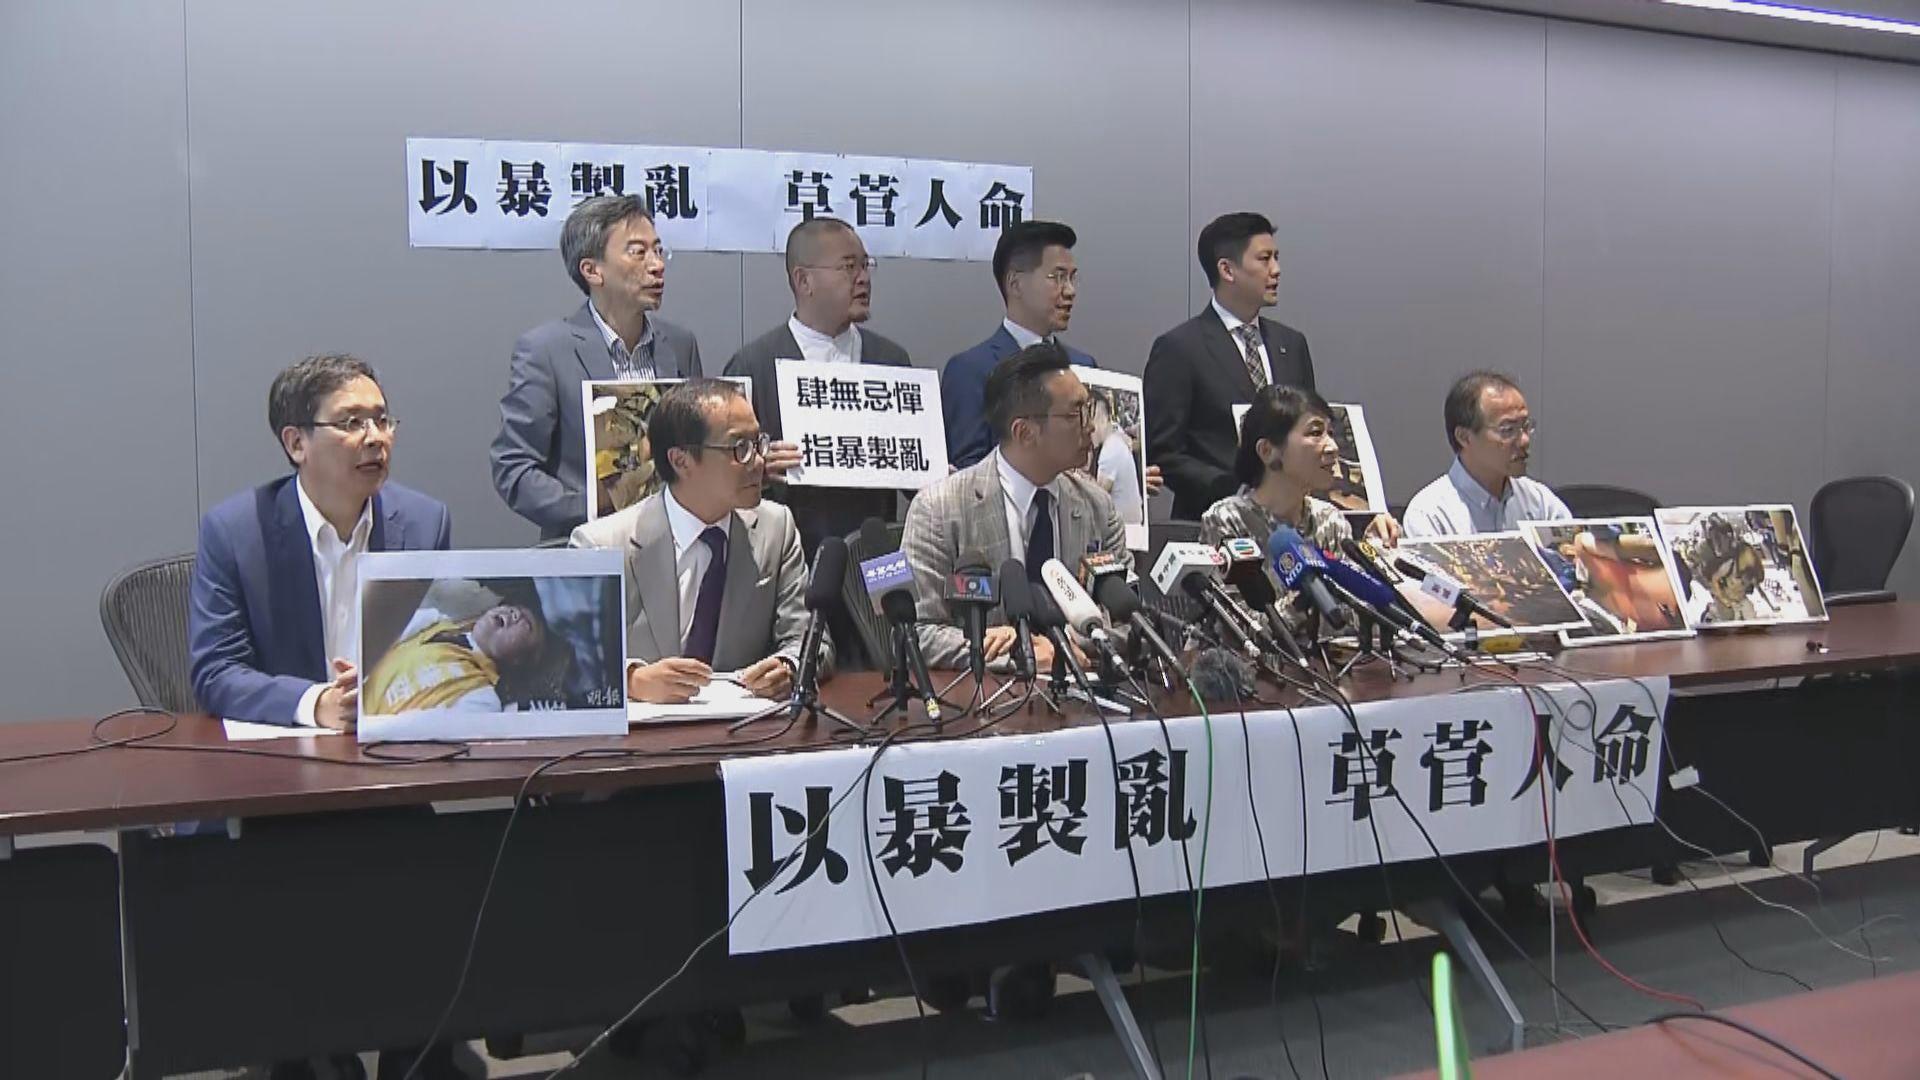 多名民主派議員譴責警方周末濫用武力